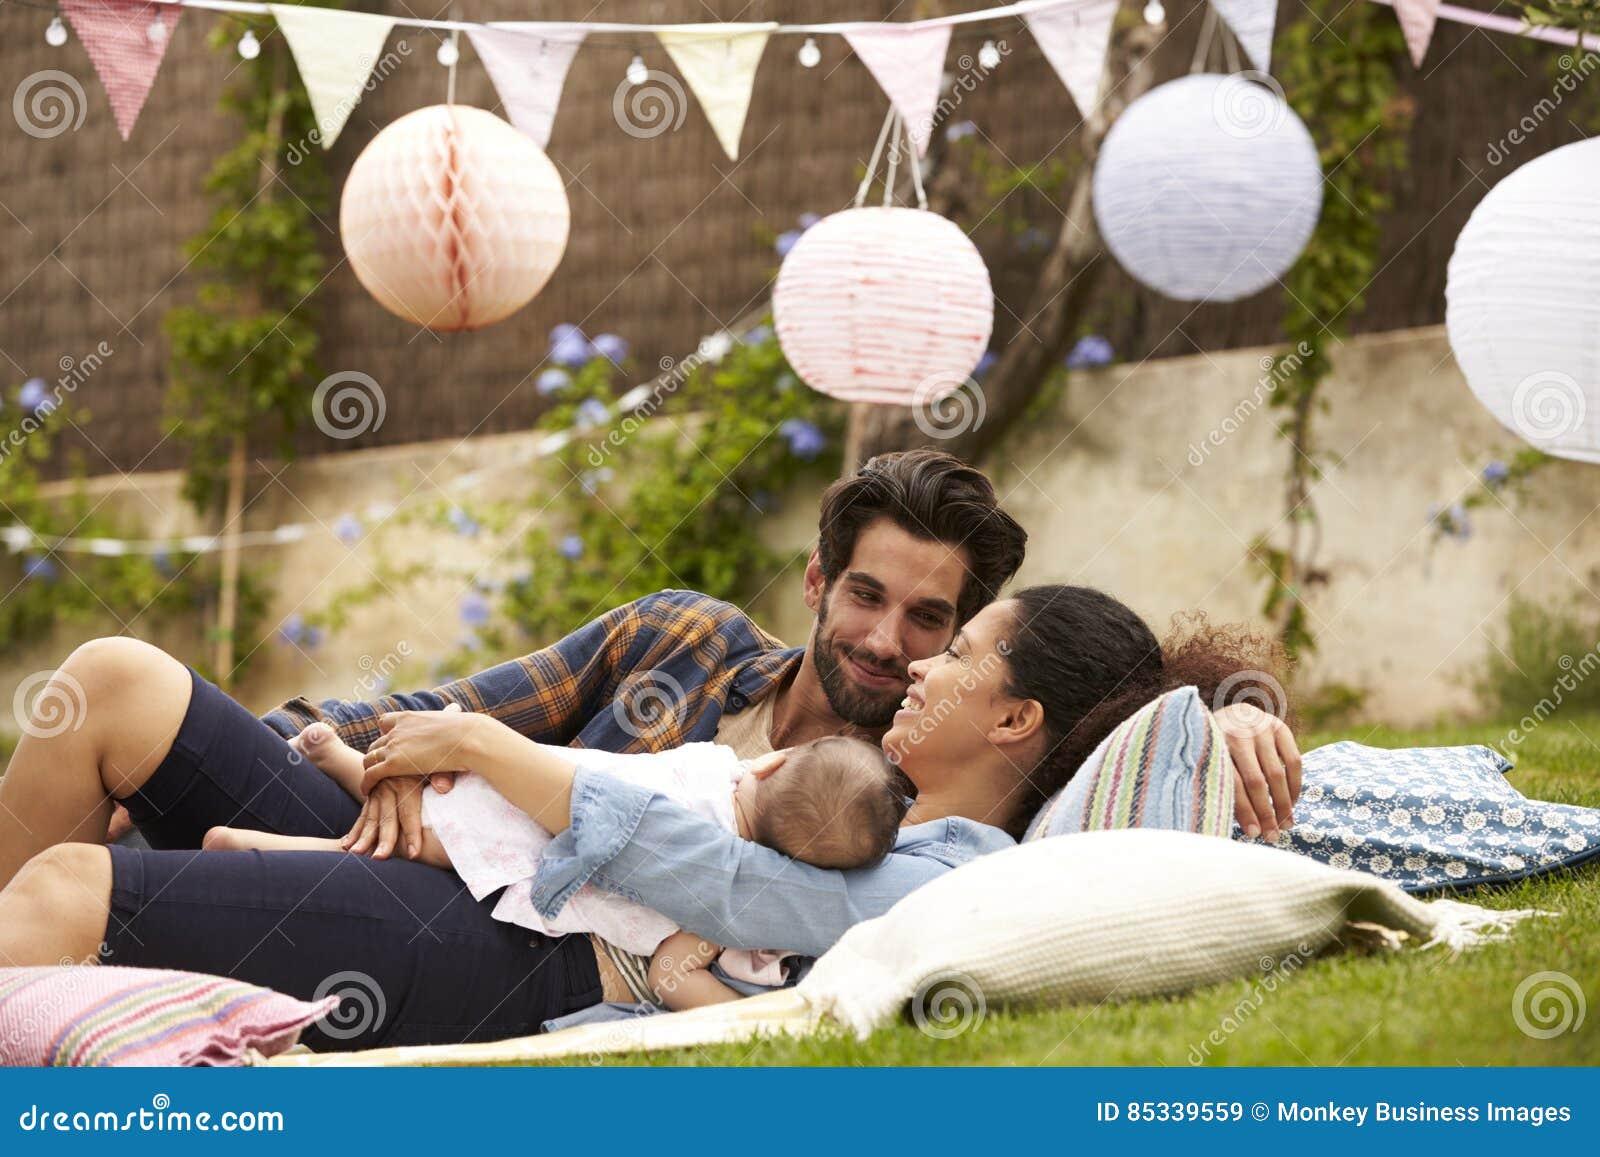 Famiglia con il bambino che si rilassa insieme sulla coperta in giardino